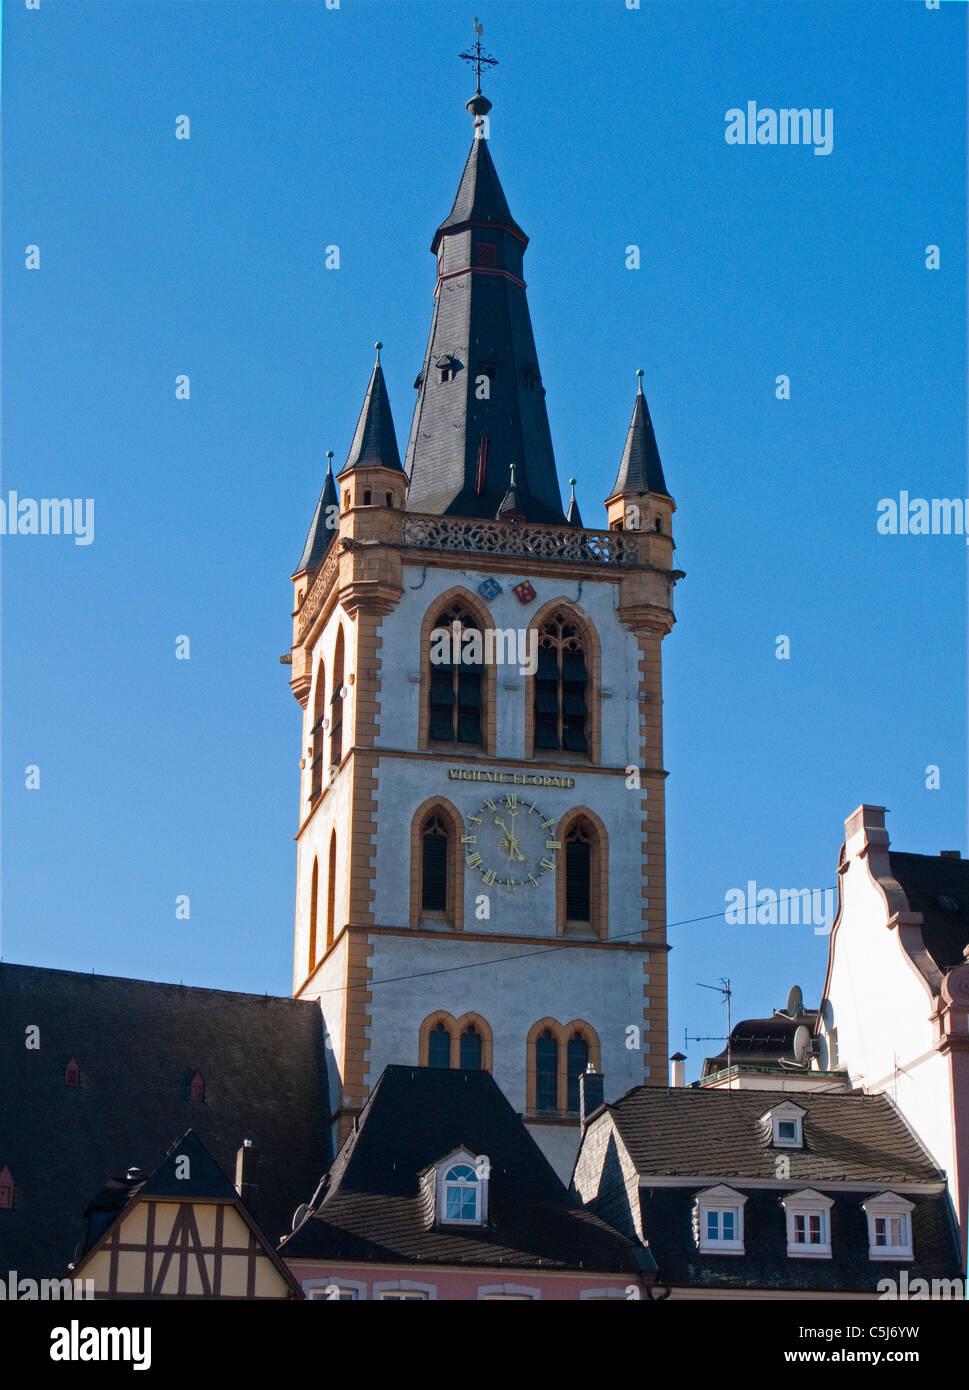 Marktkirche St. Gangolph, am Hauptmarkt von Trier, Market church, Saint, Gangolph, at the main market - Stock Image